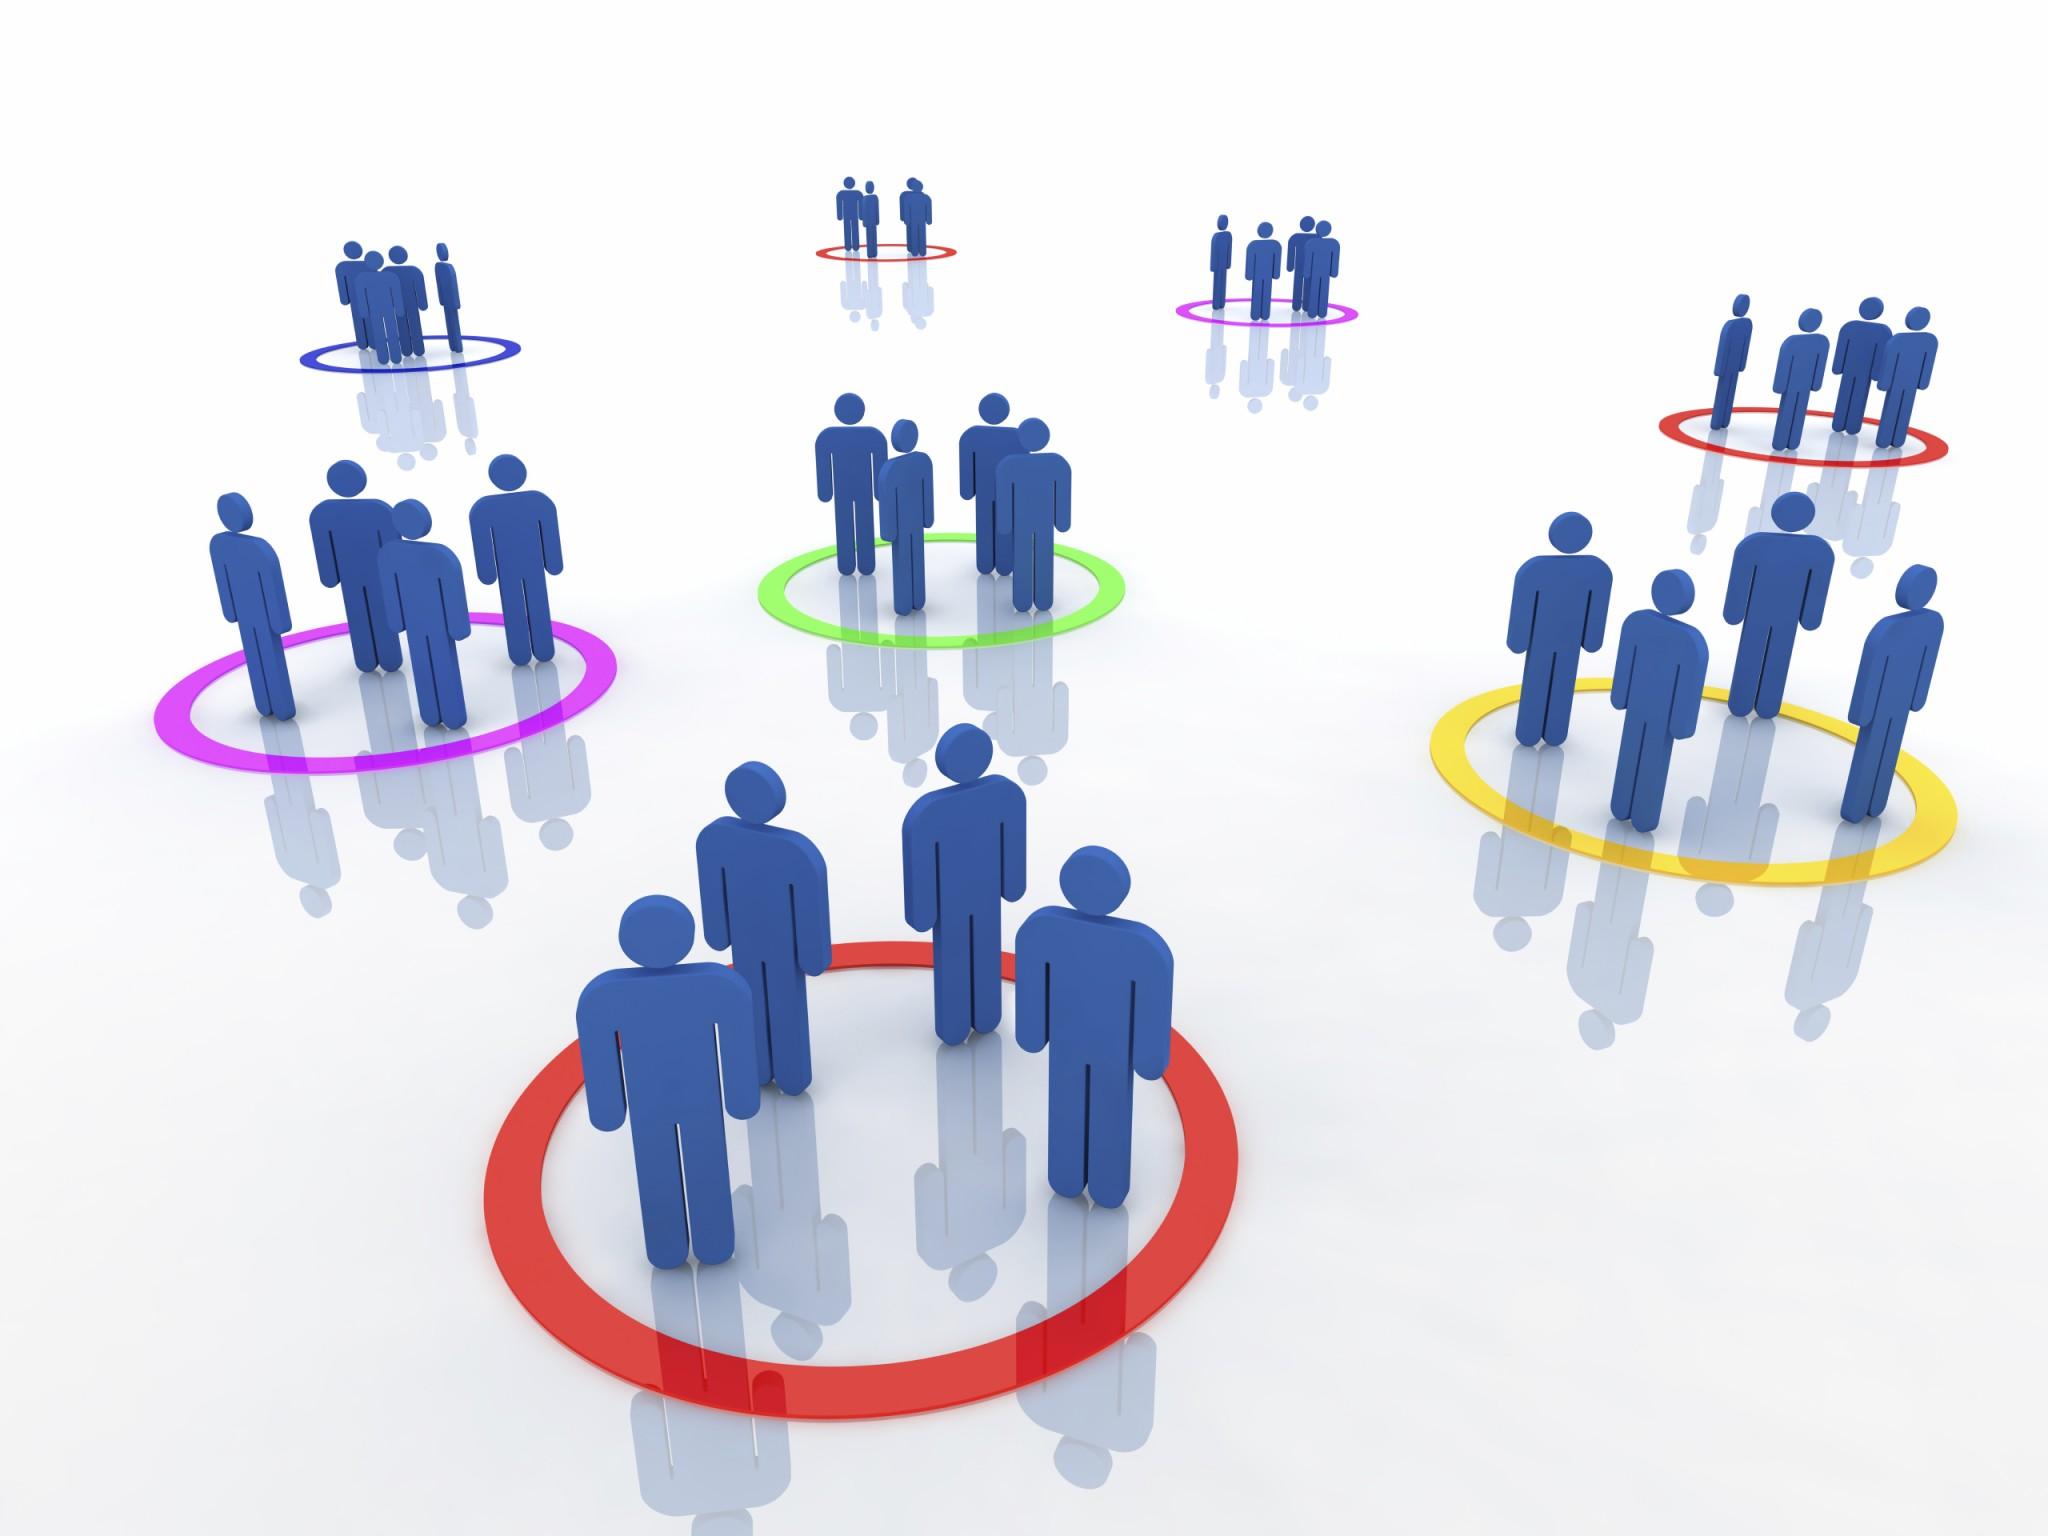 Muốn tách doanh nghiệp: Xử lý lỗ thế nào?